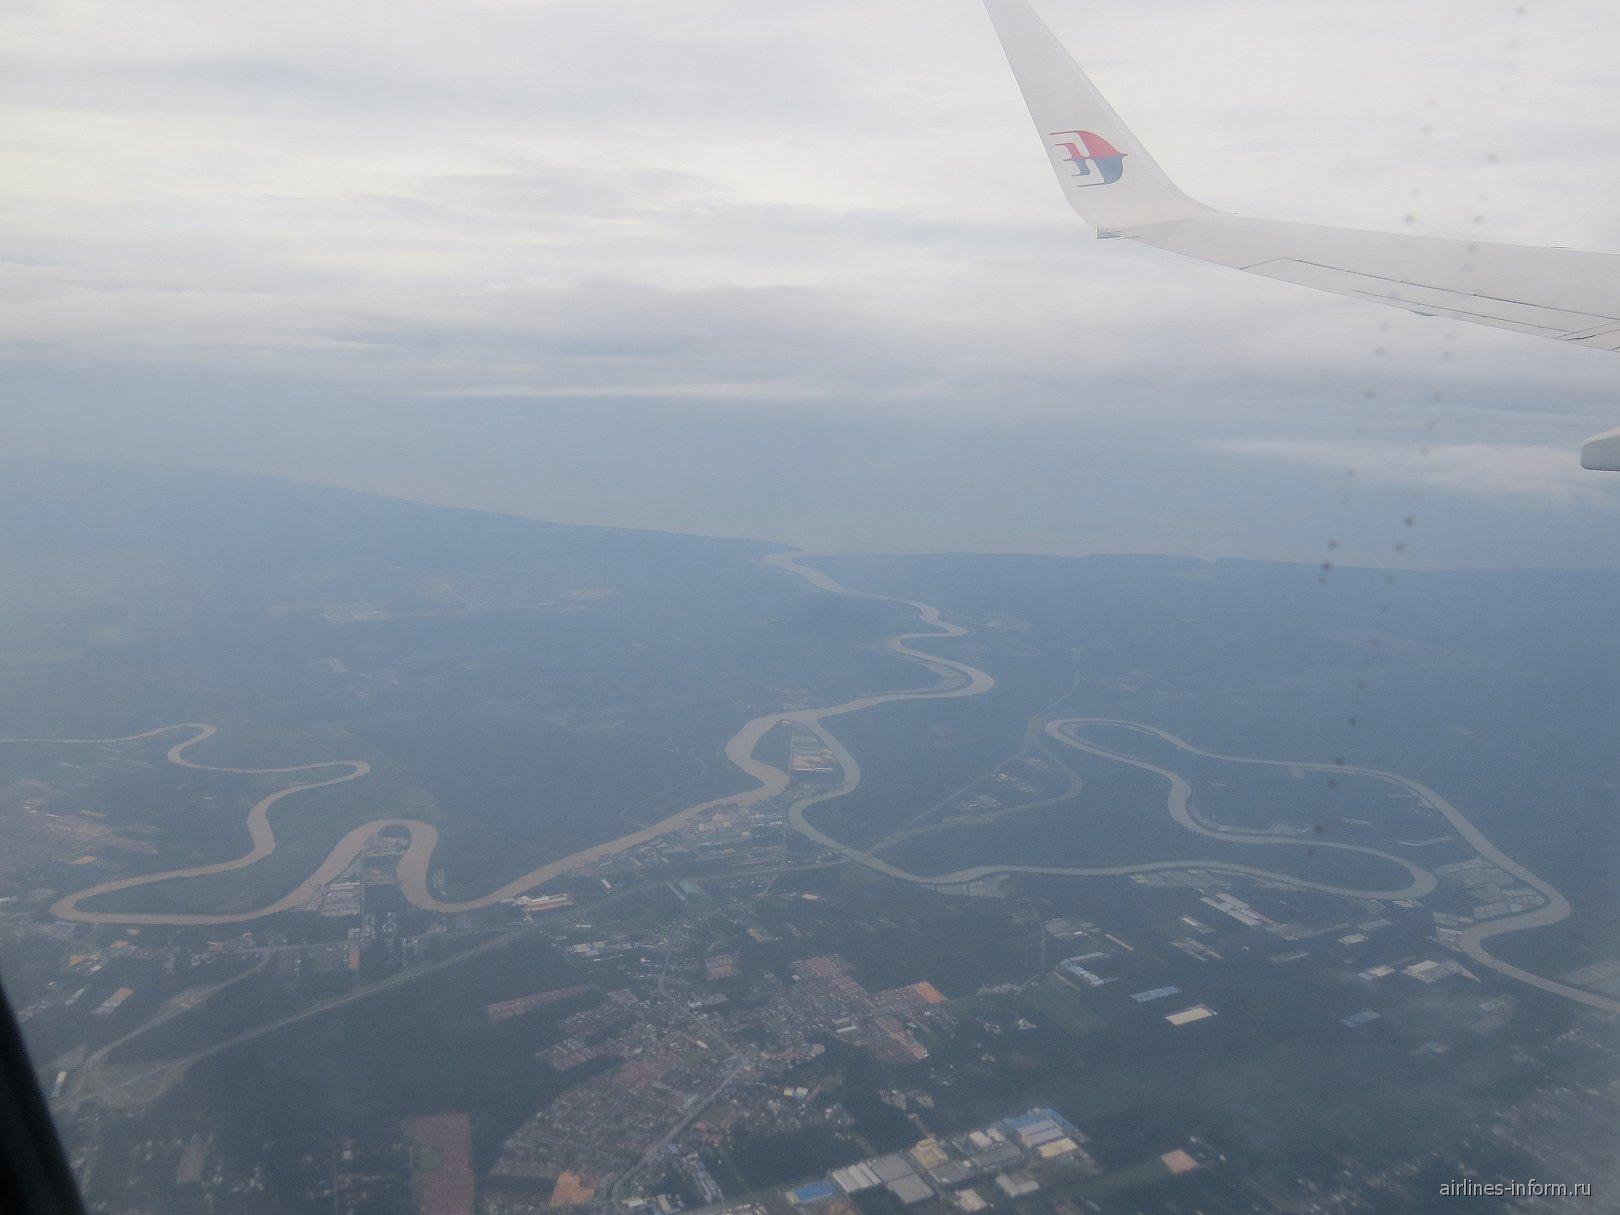 рейс Куала-Лумпур авиакомпании Malaysia Airlines